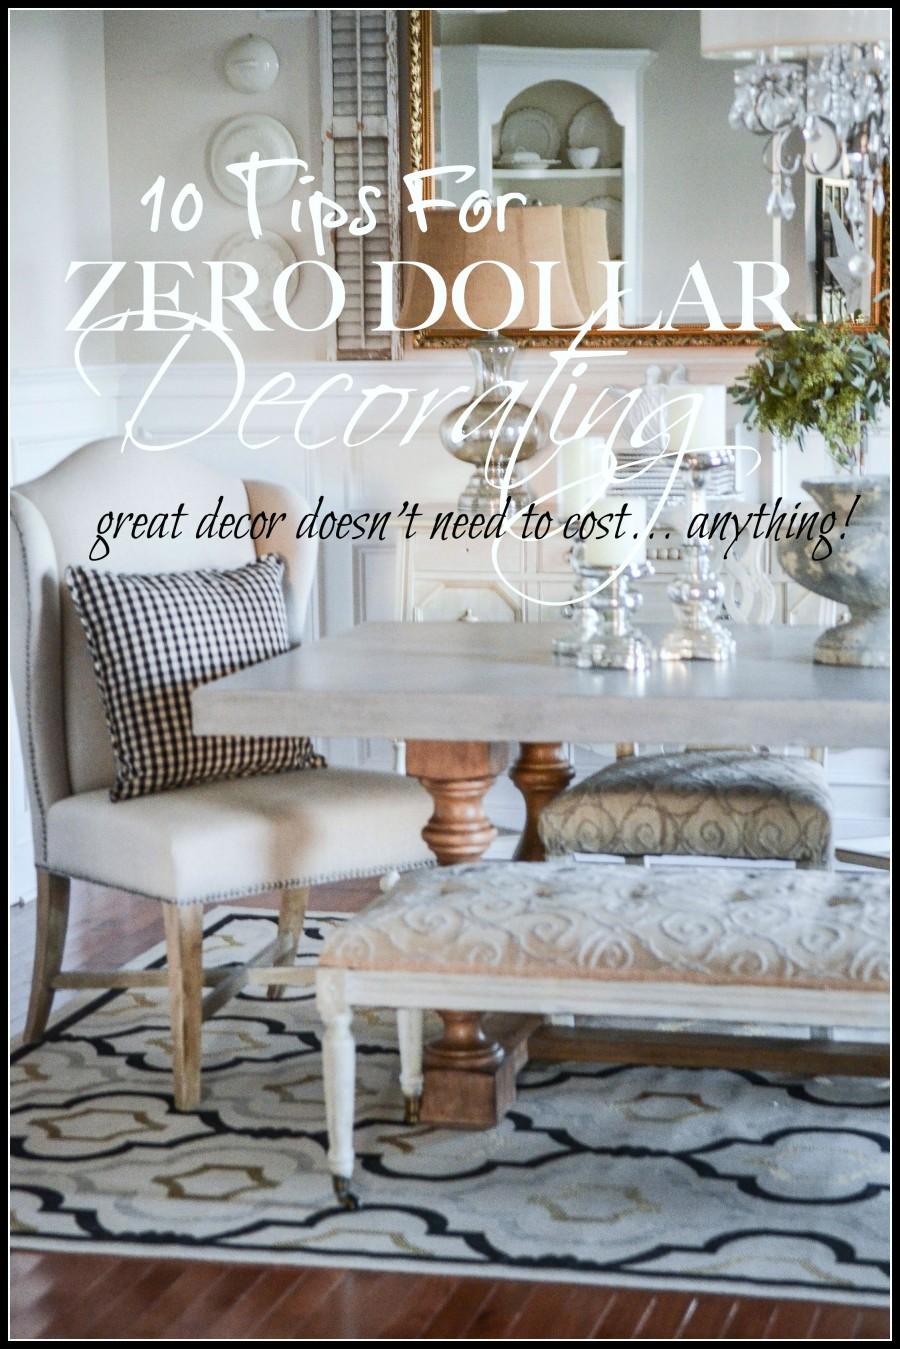 ZERO DOLLAR DECORATING- Creating amazing decor without spending any money!